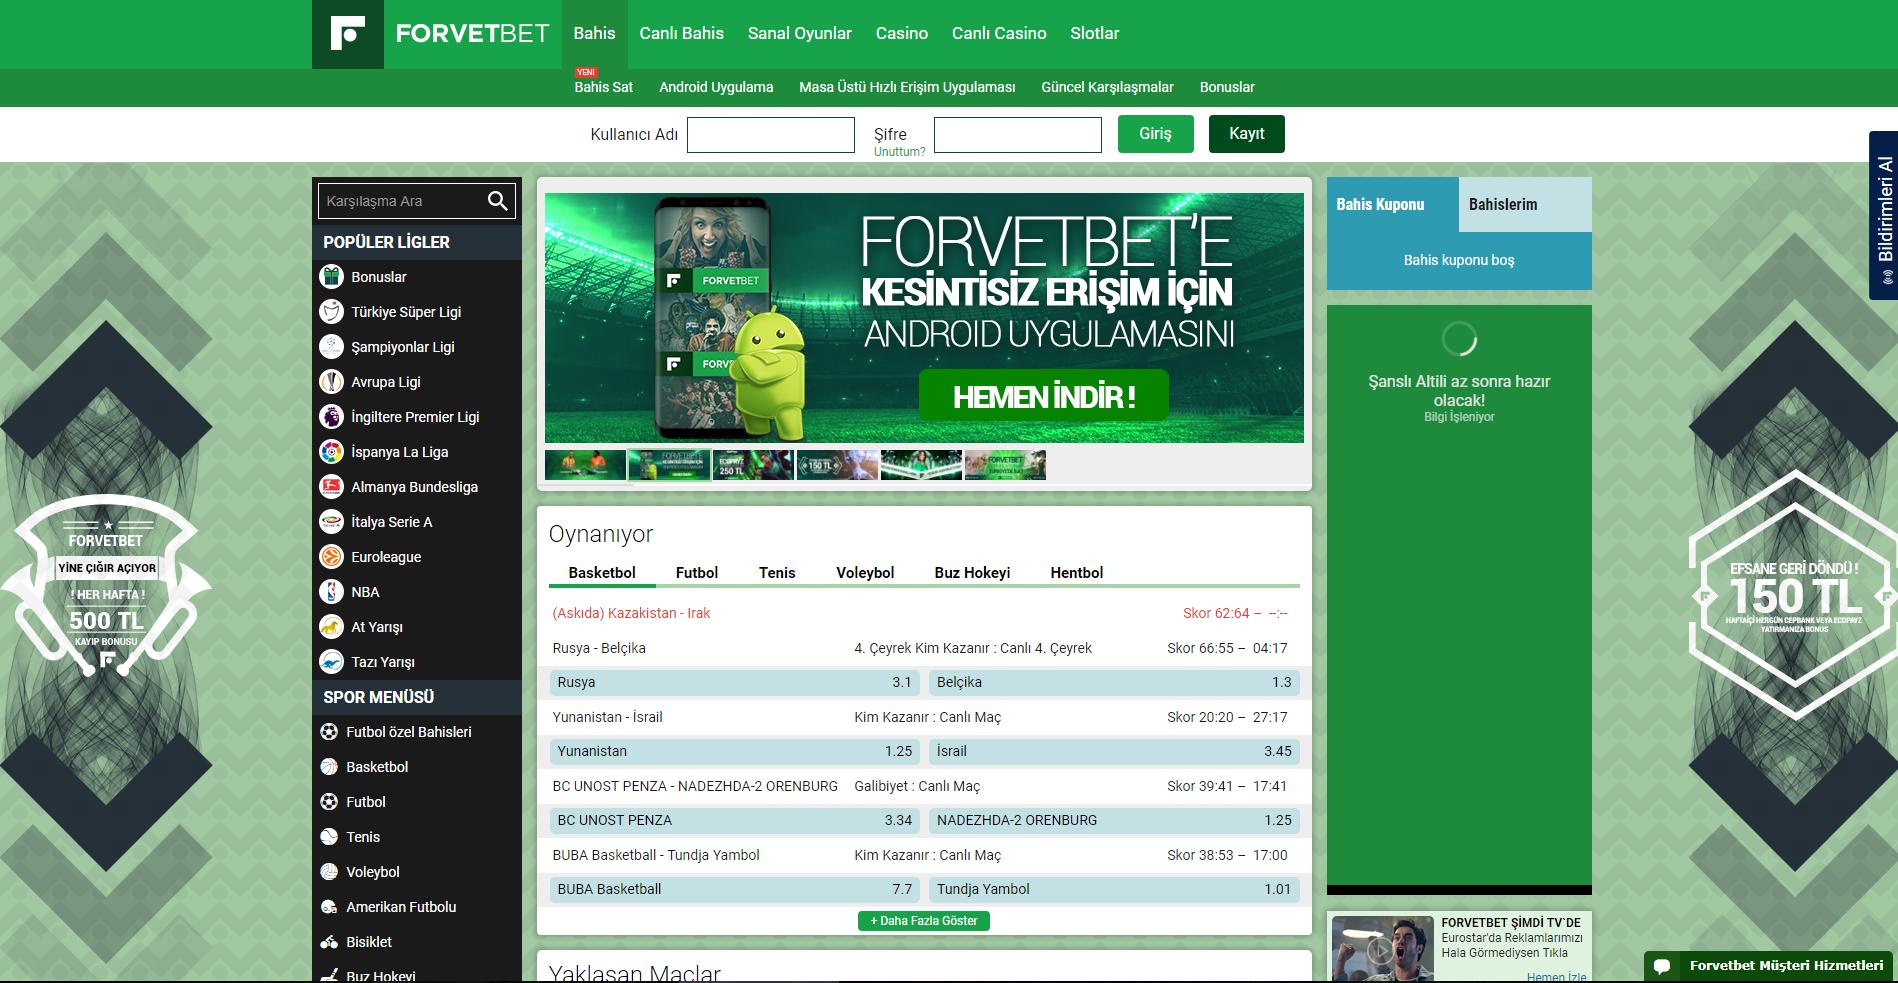 forvetbet bahis sitesi güvenilir mi, onlien bahis oynama sitesi, online bahis nasıl oynanır